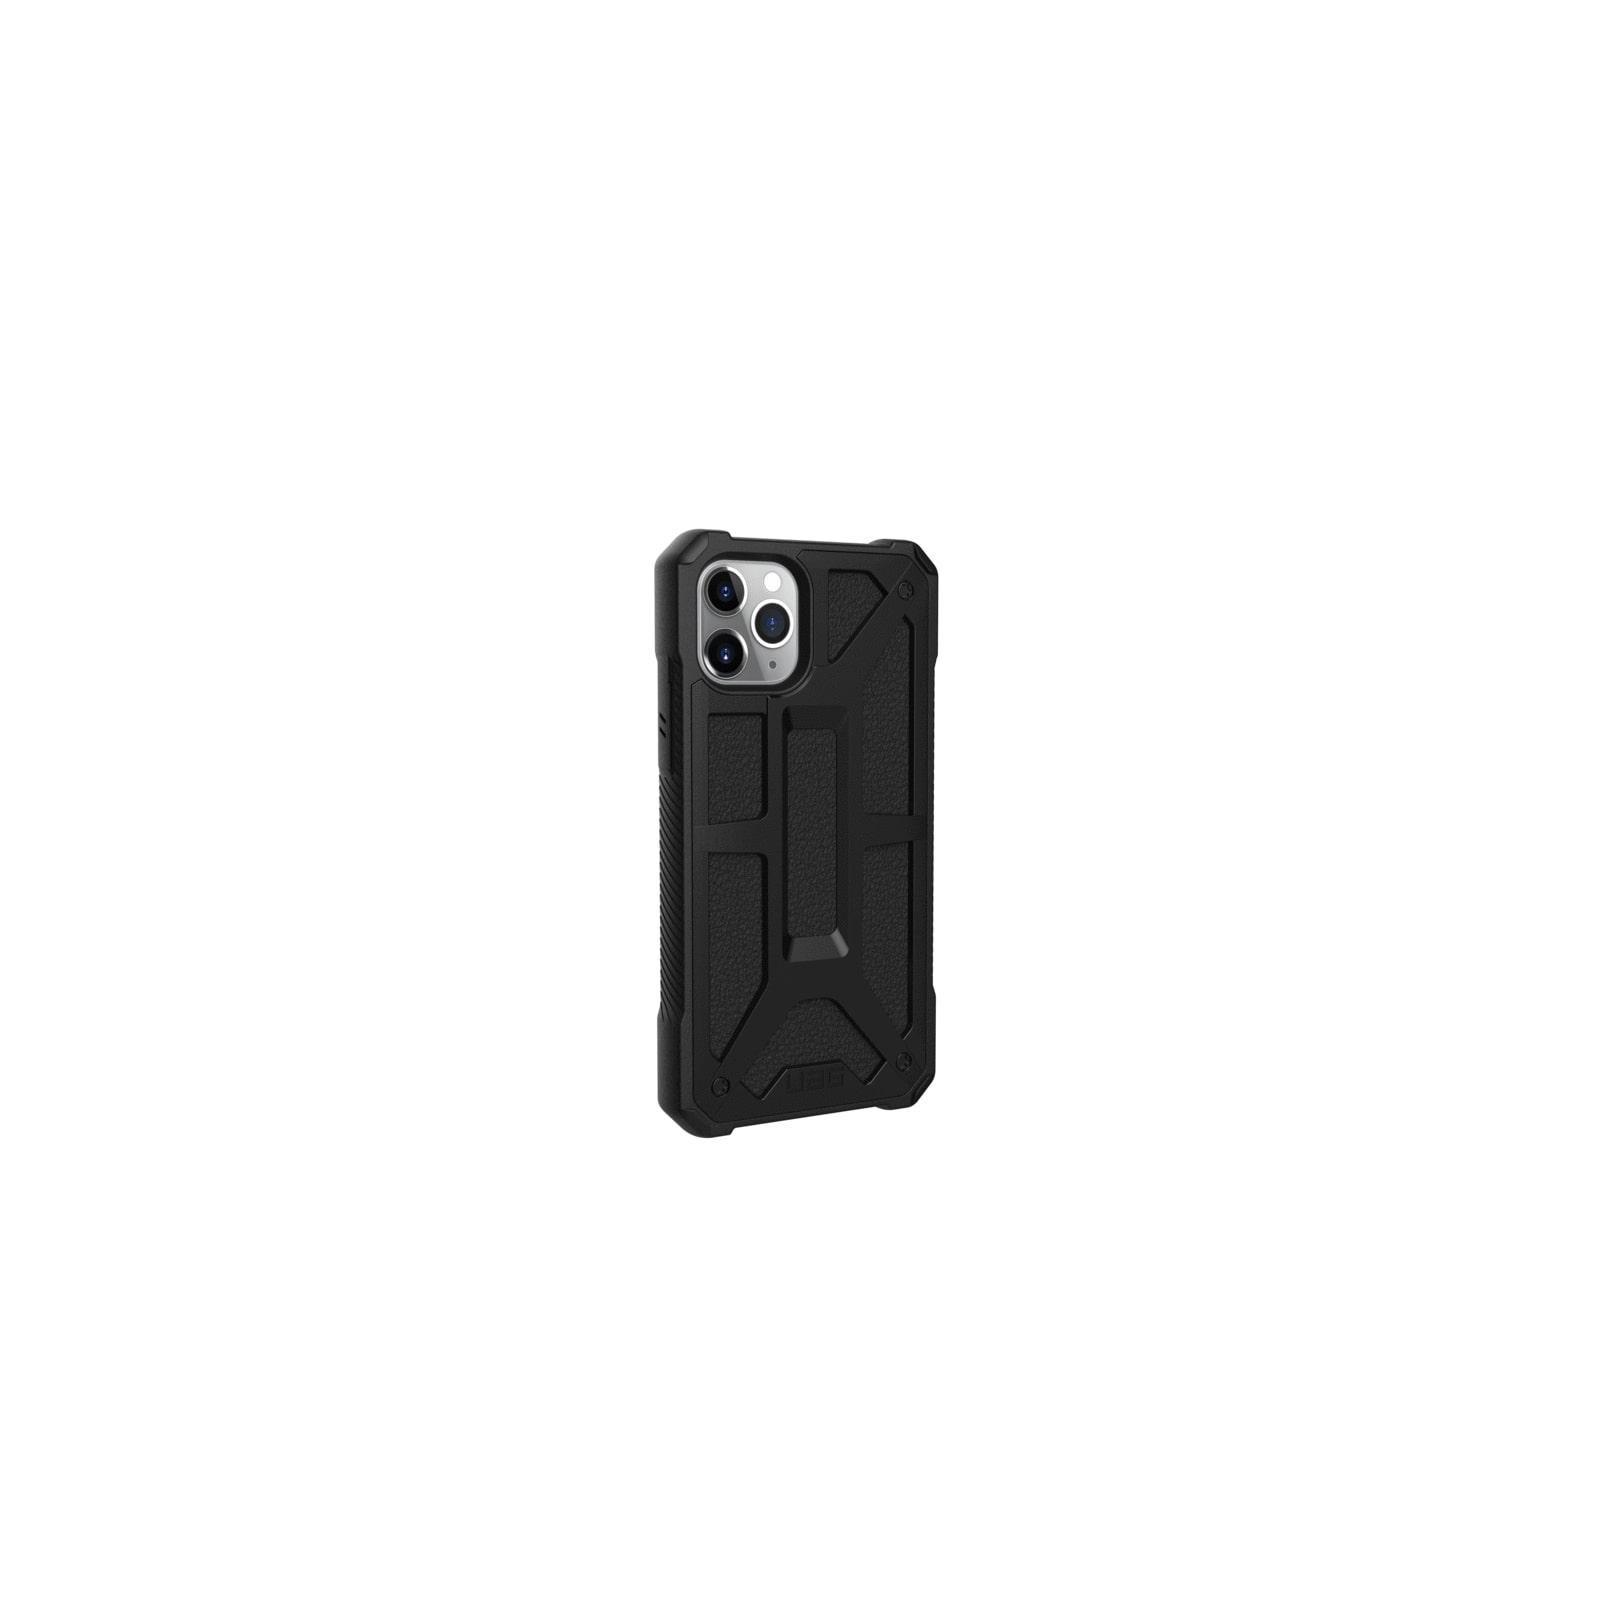 Чехол для моб. телефона Uag iPhone 11 Pro Monarch, Black (111701114040) изображение 2